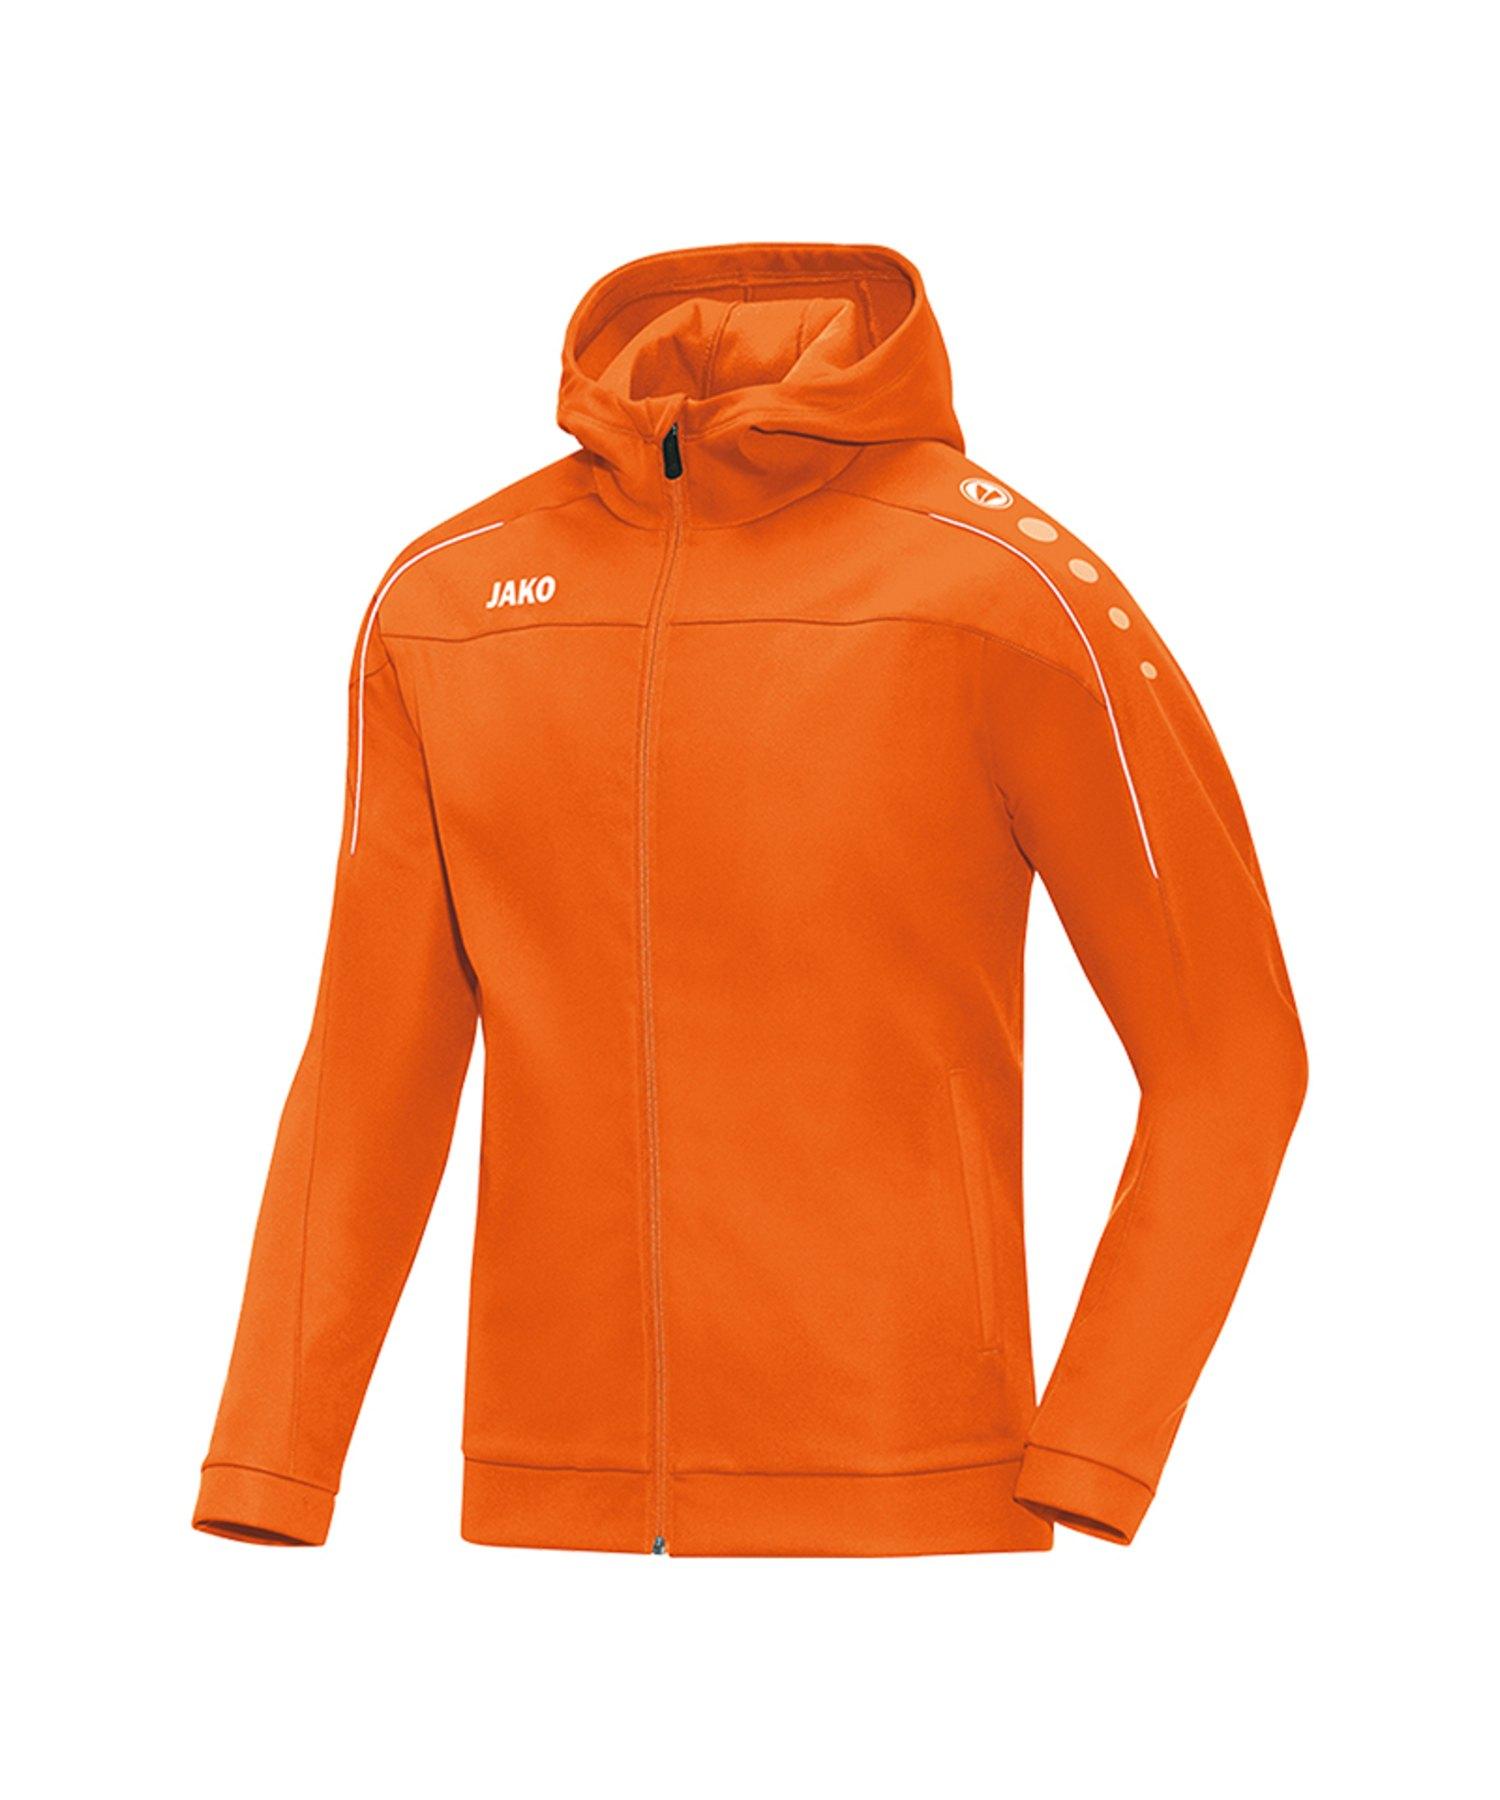 Jako Classico Kapuzenjacke Orange F19 - Orange